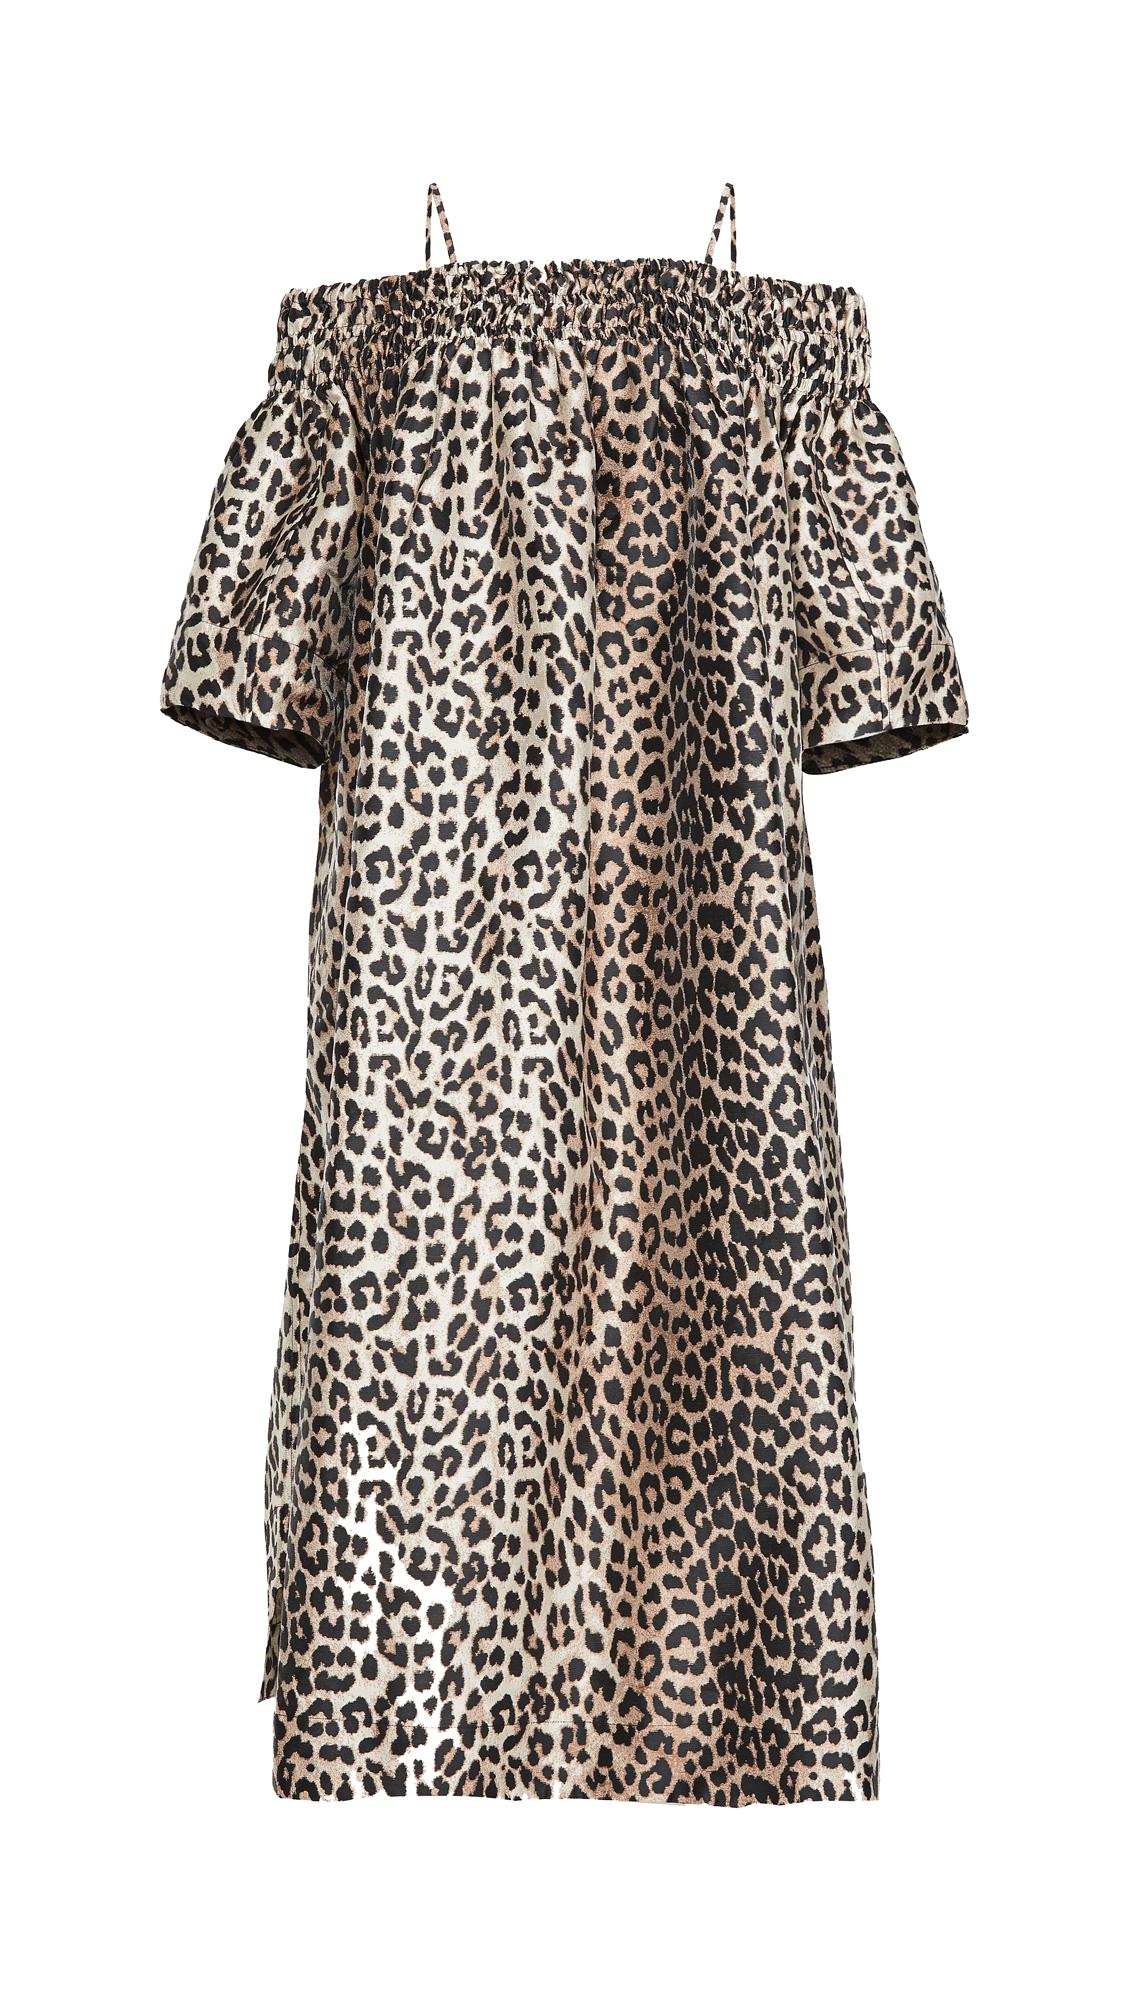 GANNI CRISPY JACQUARD OFF SHOULDER DRESS